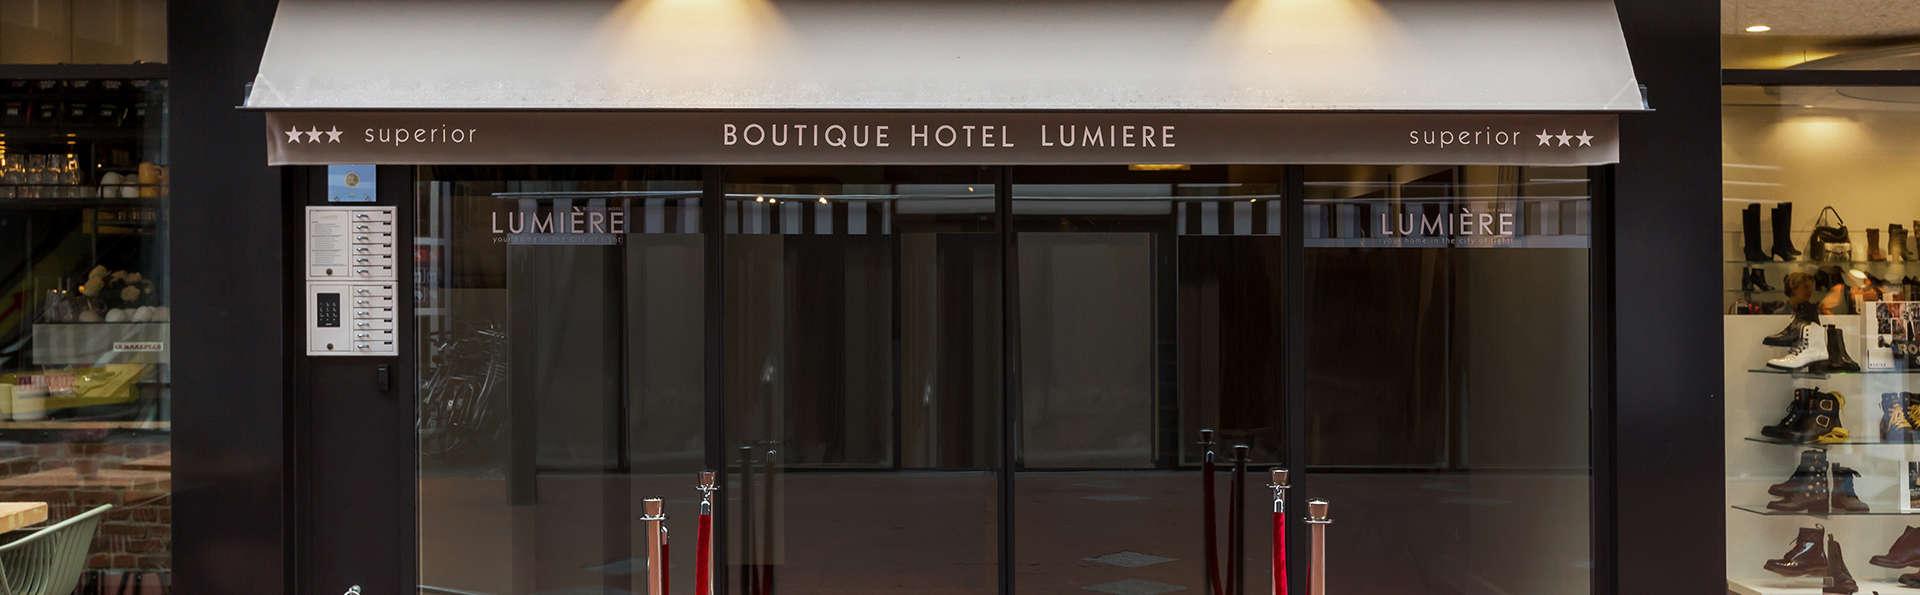 Boutique Suite Hotel Lumière - EDIT_FRONT.jpg